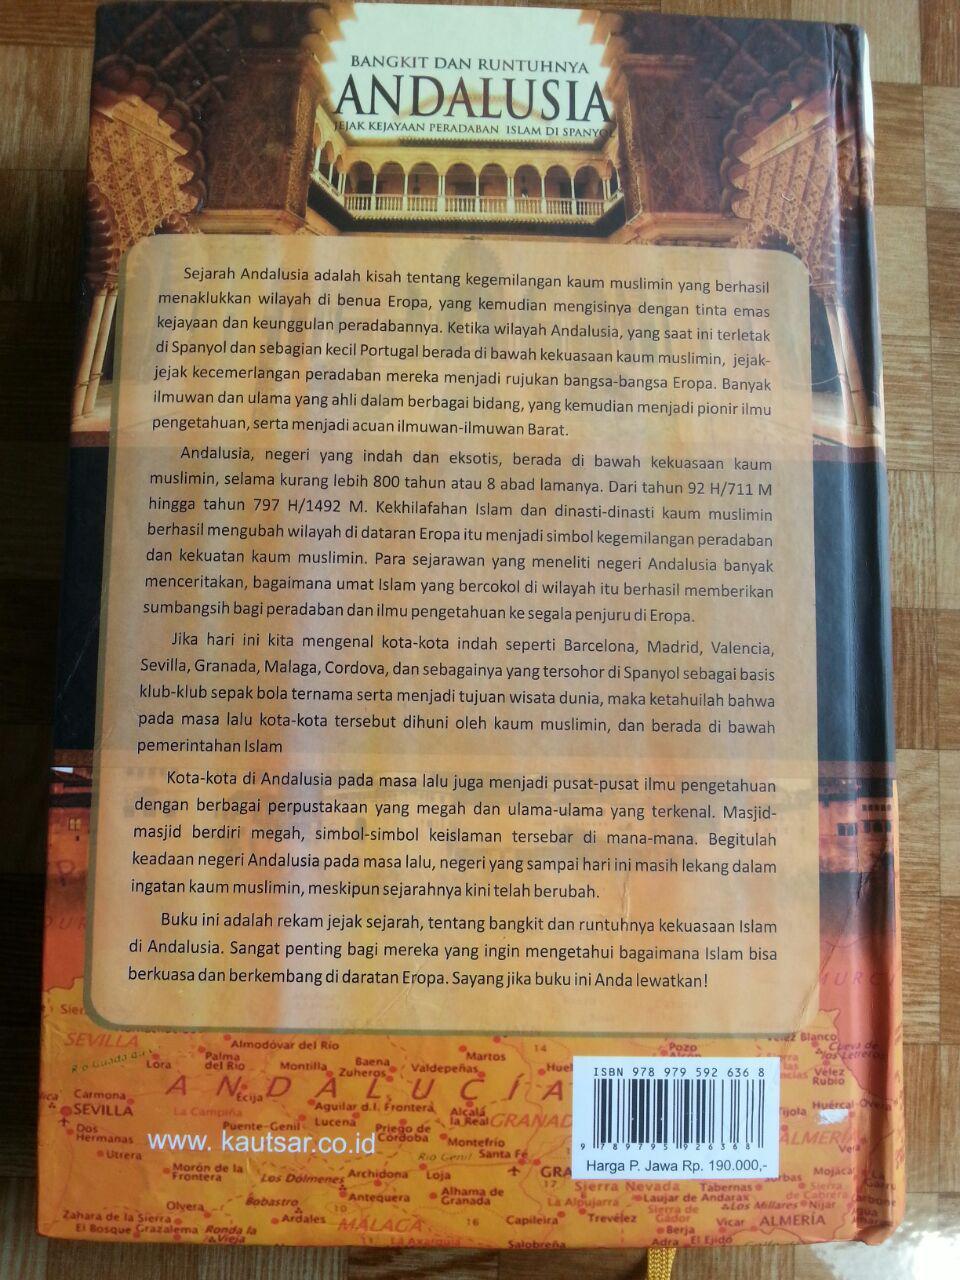 Buku Bangkit Dan Runtuhnya Andalusia cover